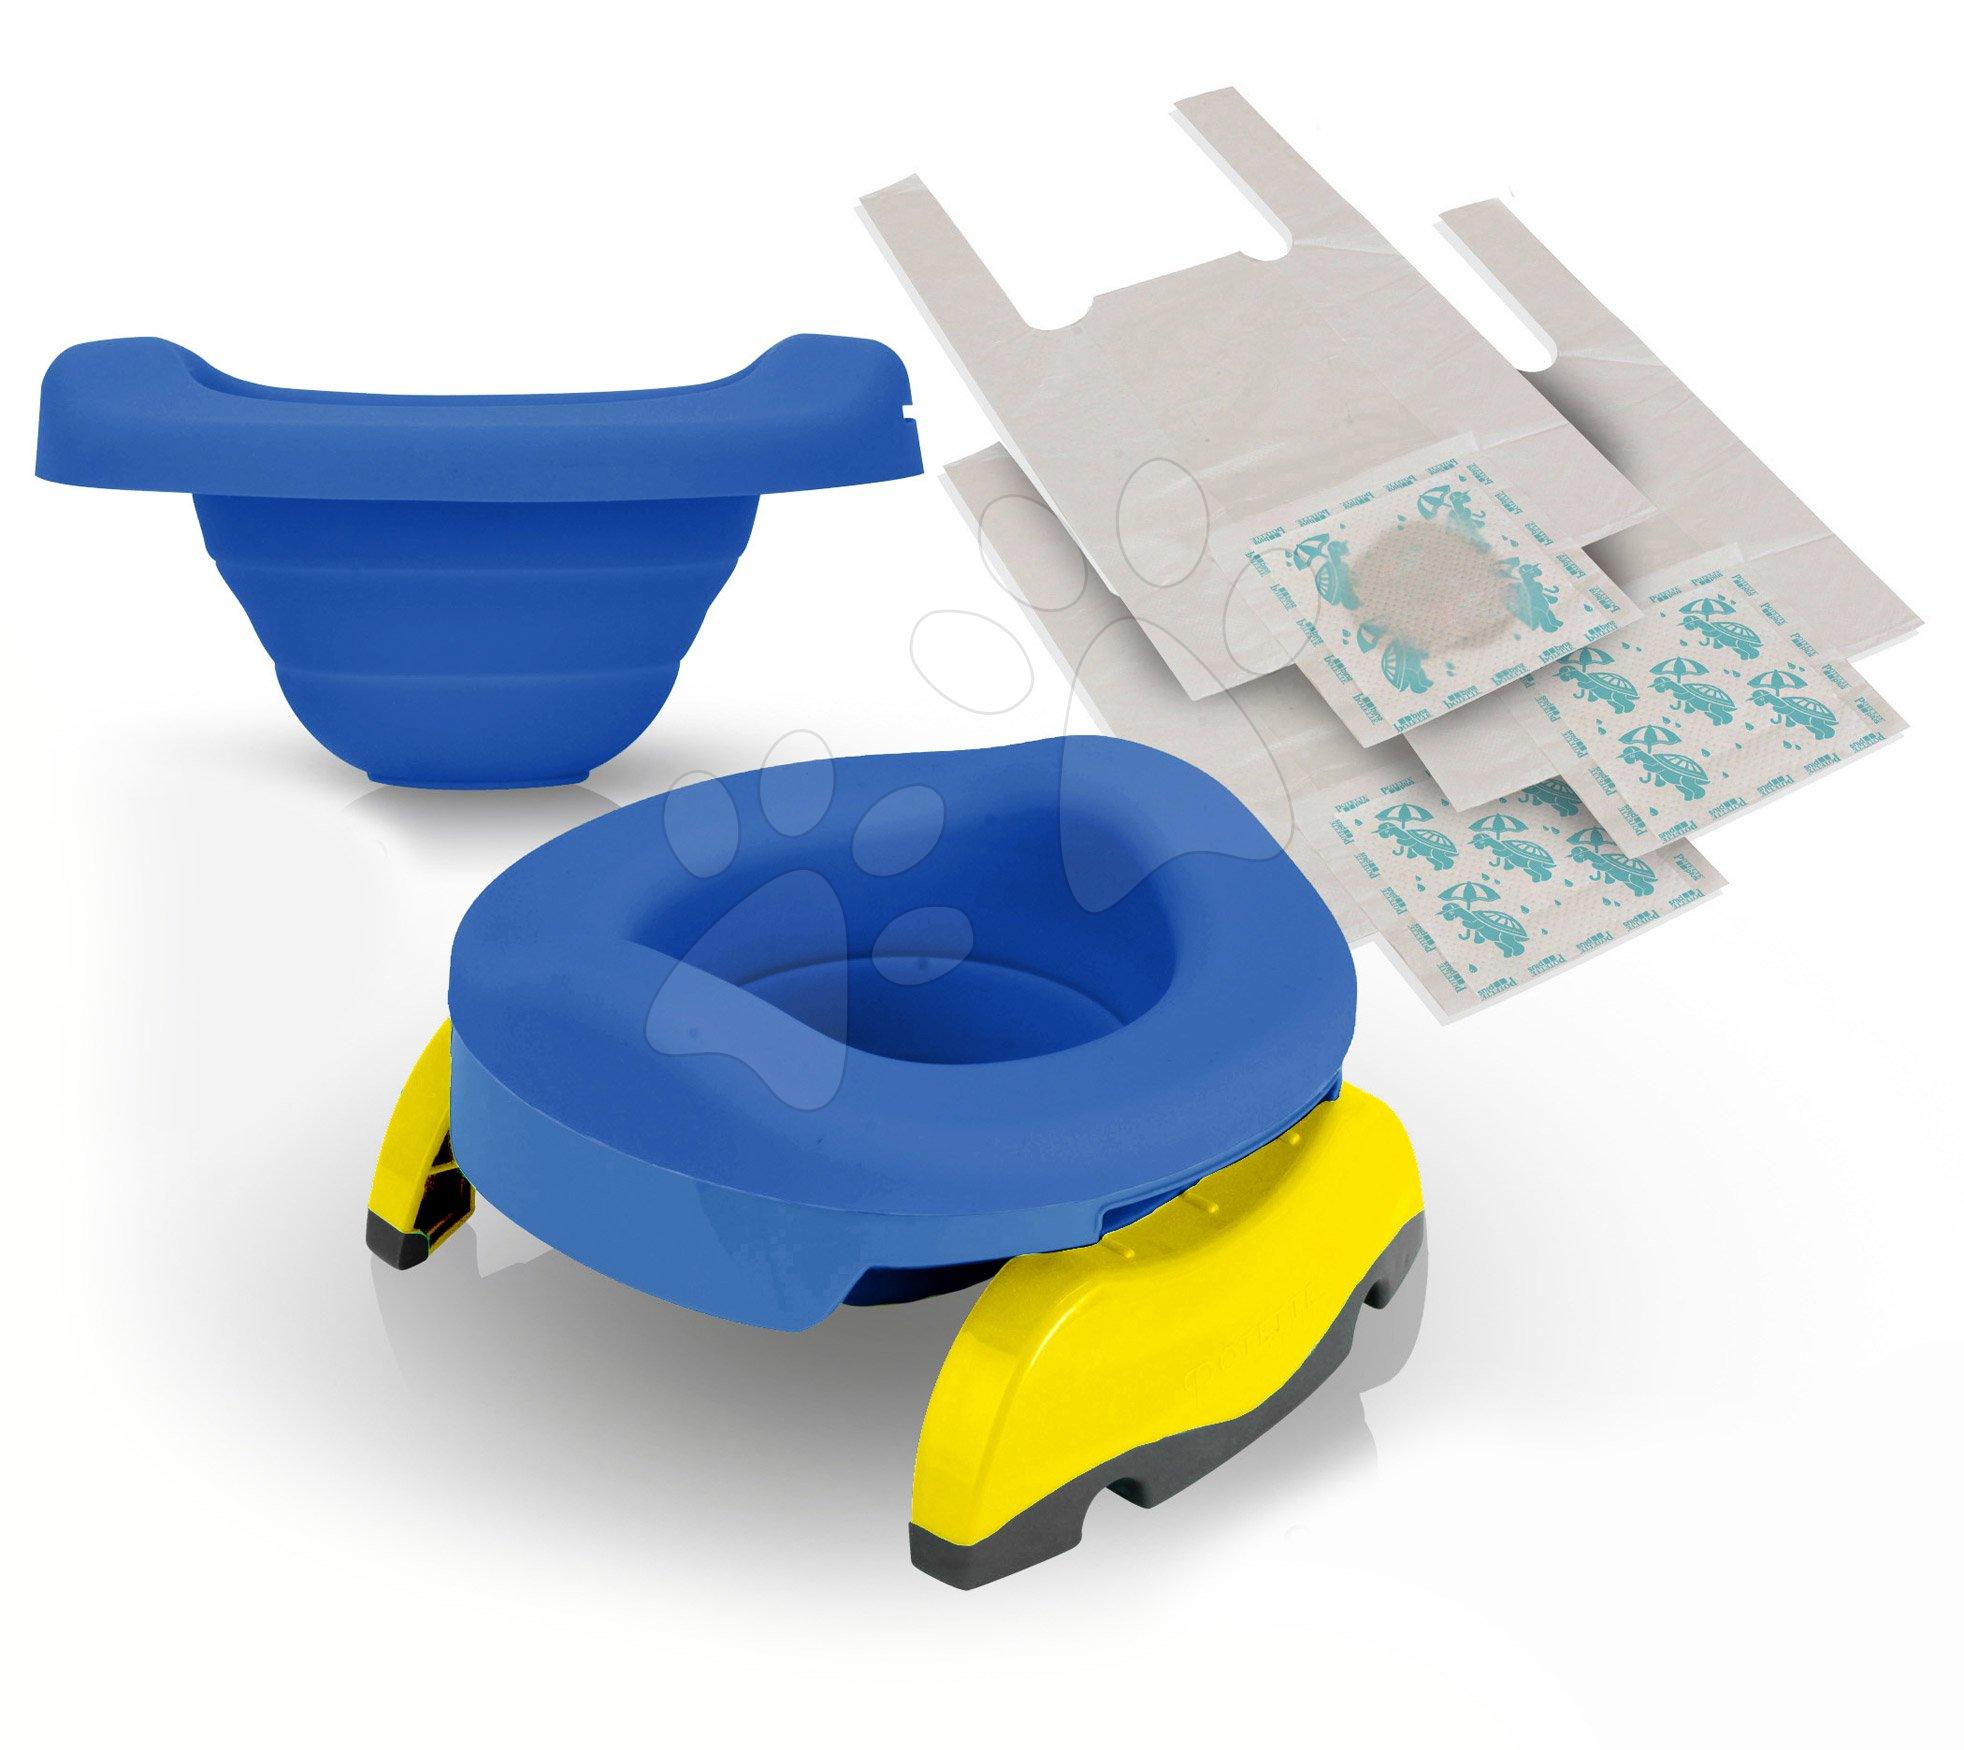 Sada cestovní nočník/redukce na WC Potette Plus 2v1 Kalencom modrá se silikonovou vložkou + 10 ks náhradních náplní a cestovní taška od 15 měsíců